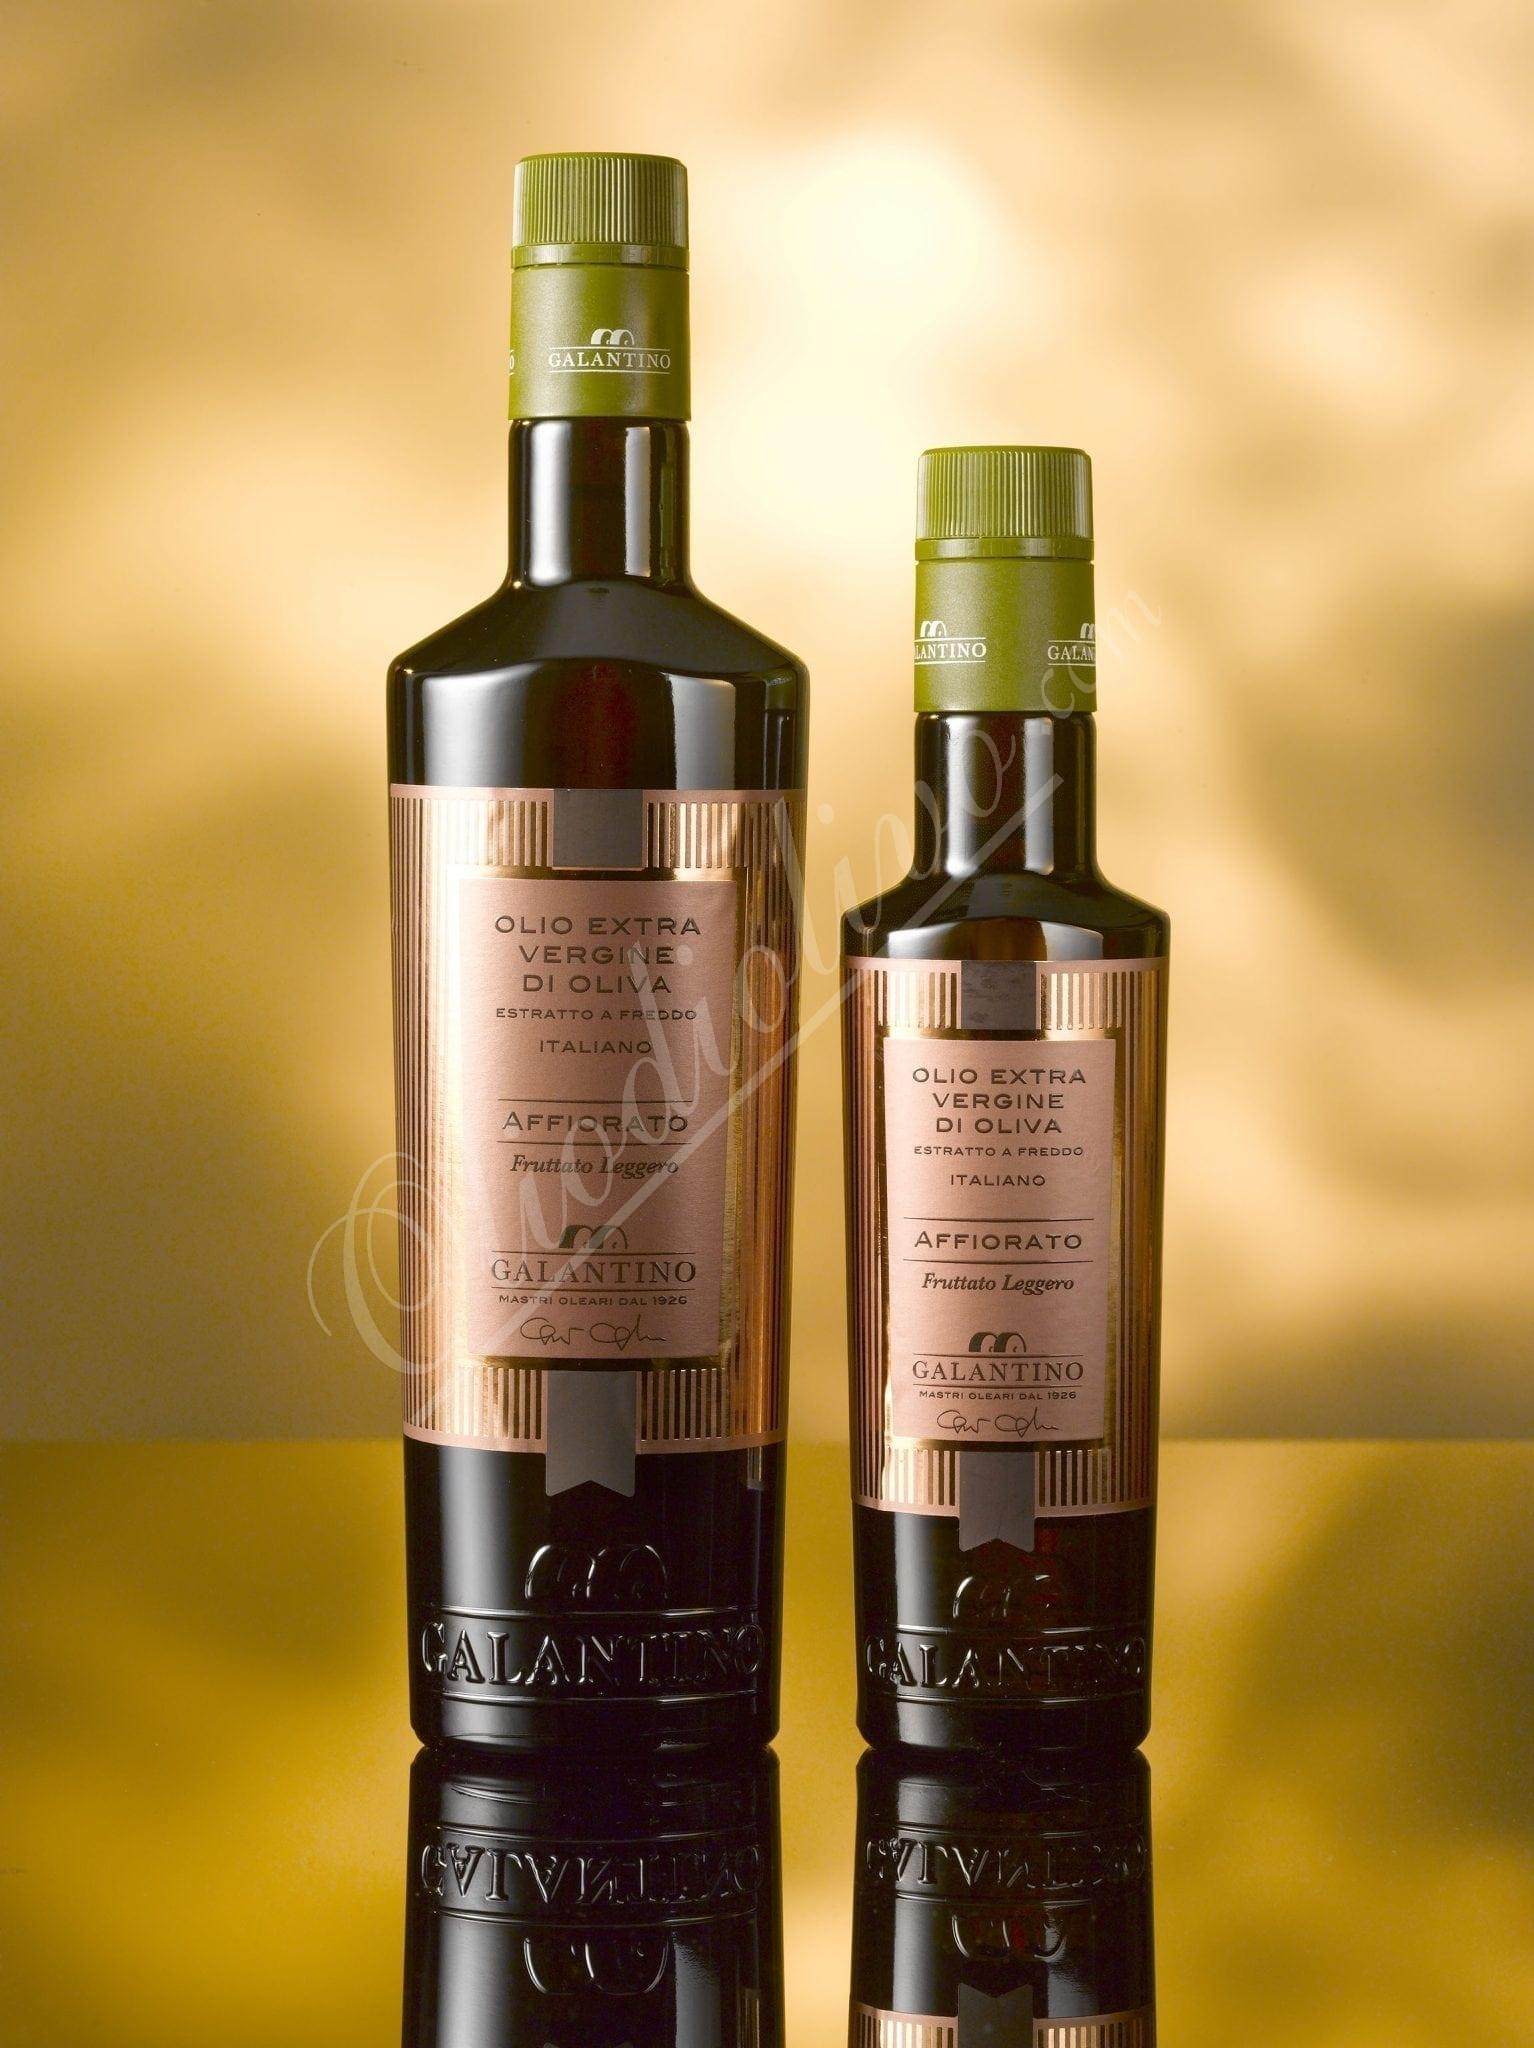 L'Affiorato, Galantino, olive oil, Puglia, 500 ml